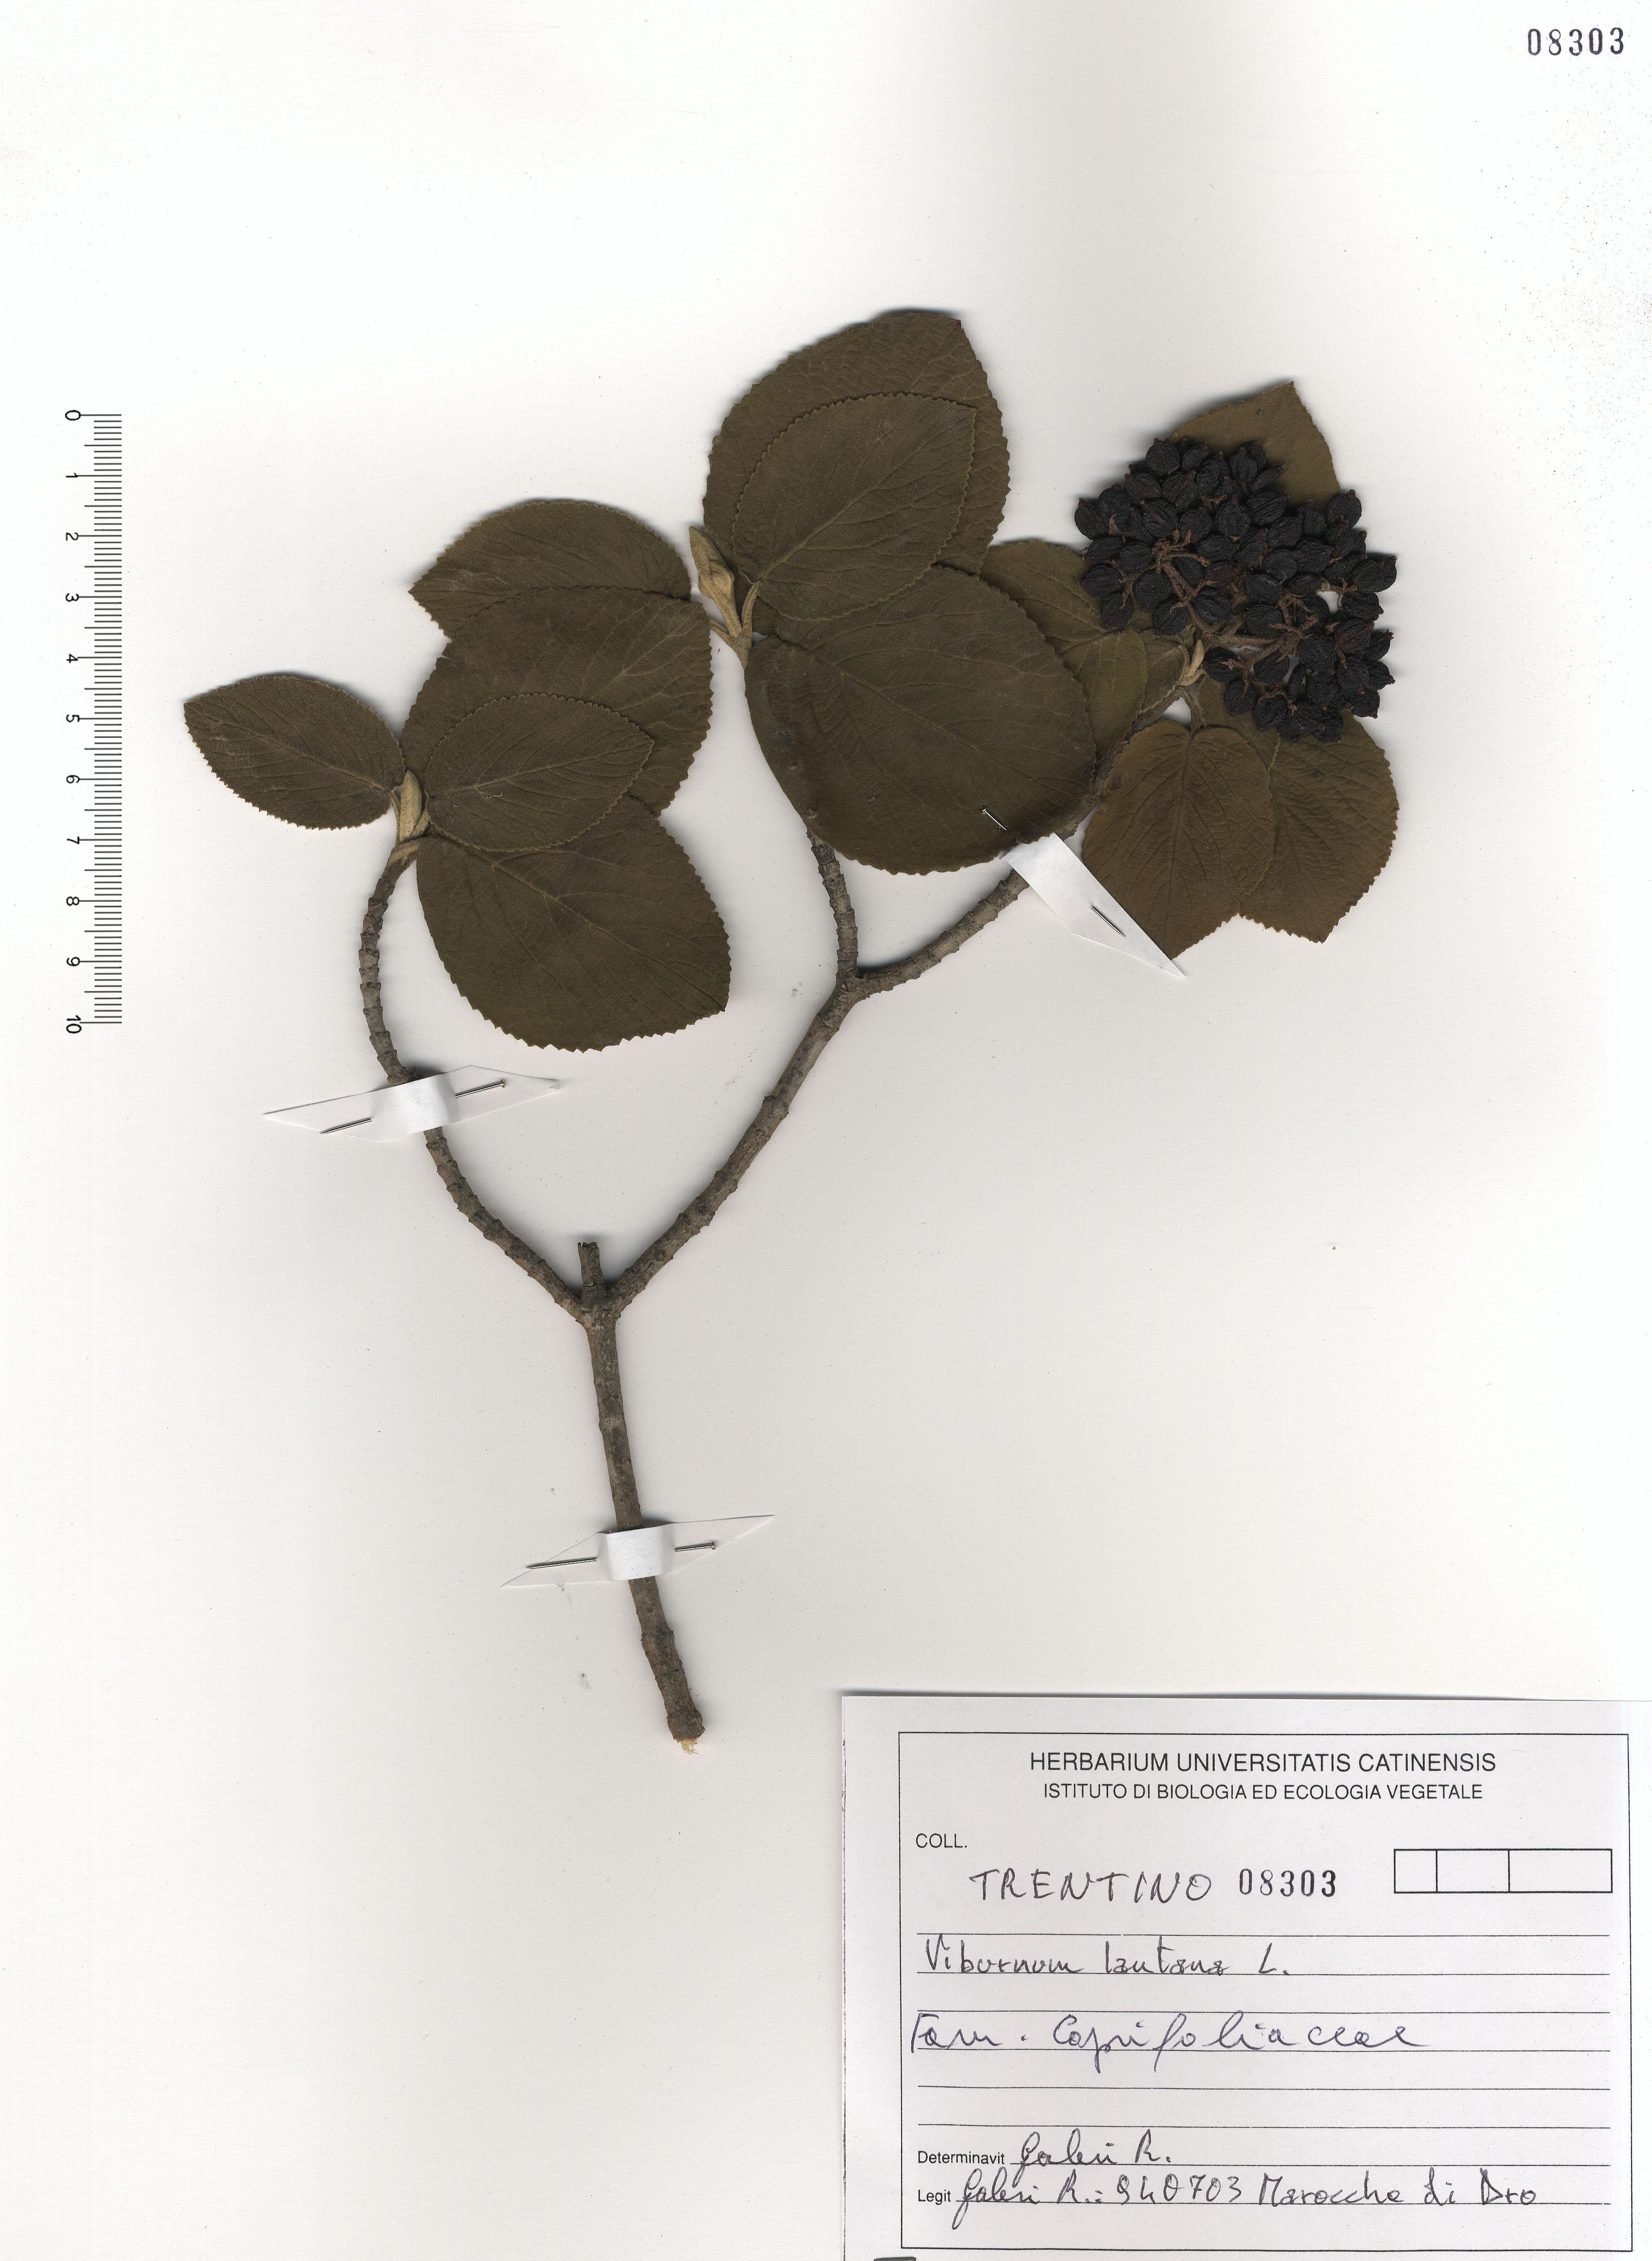 © Hortus Botanicus Catinensis - Herb. sheet 108303<br>